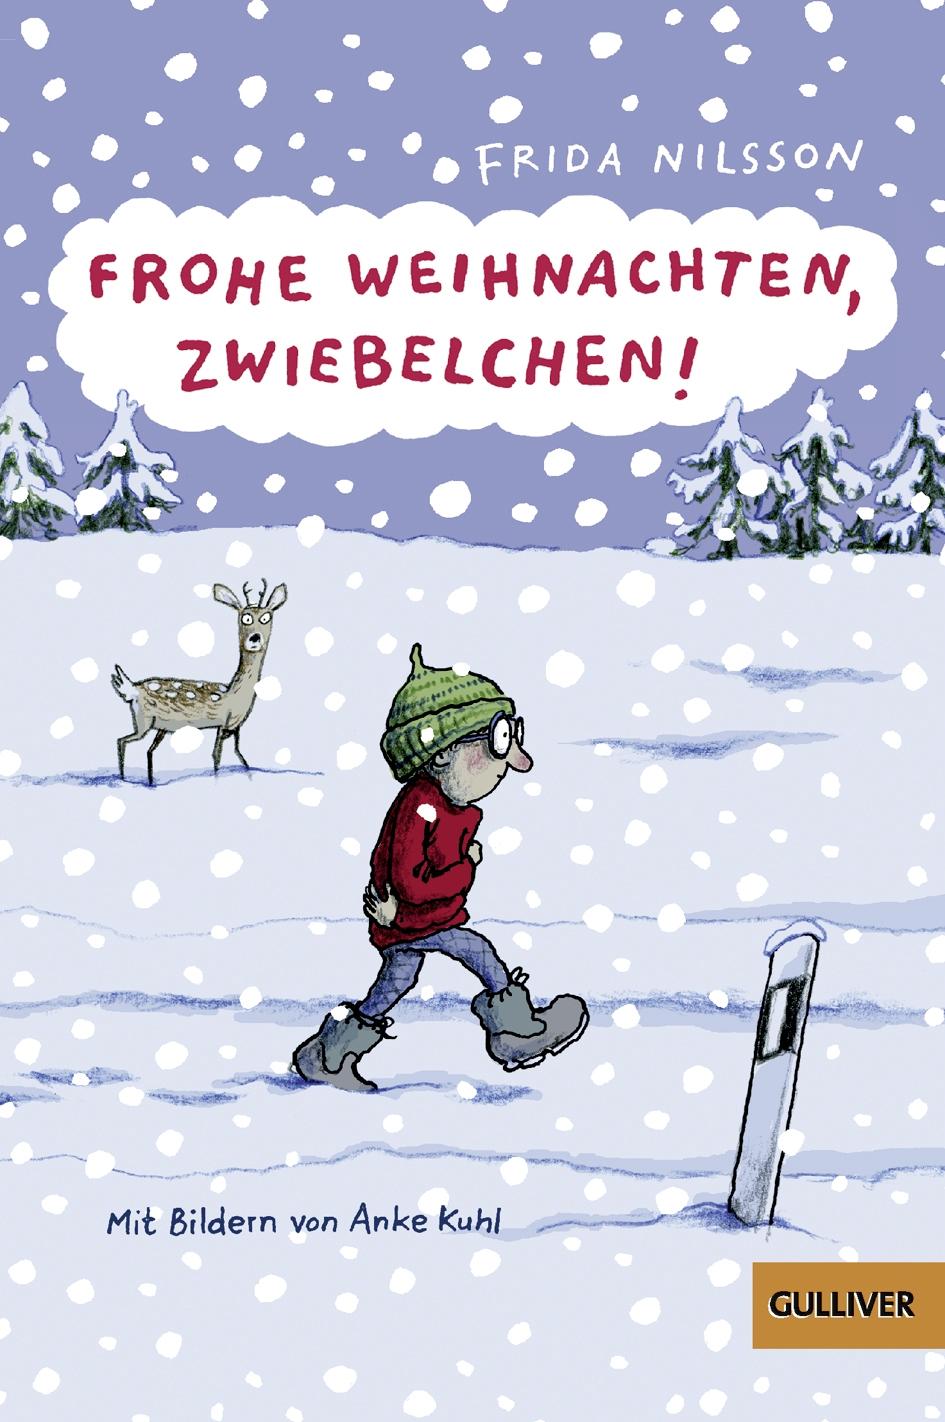 Frohe Weihnachten, Zwiebelchen! - Mit Bildern von Anke Kuhl - Frida ...